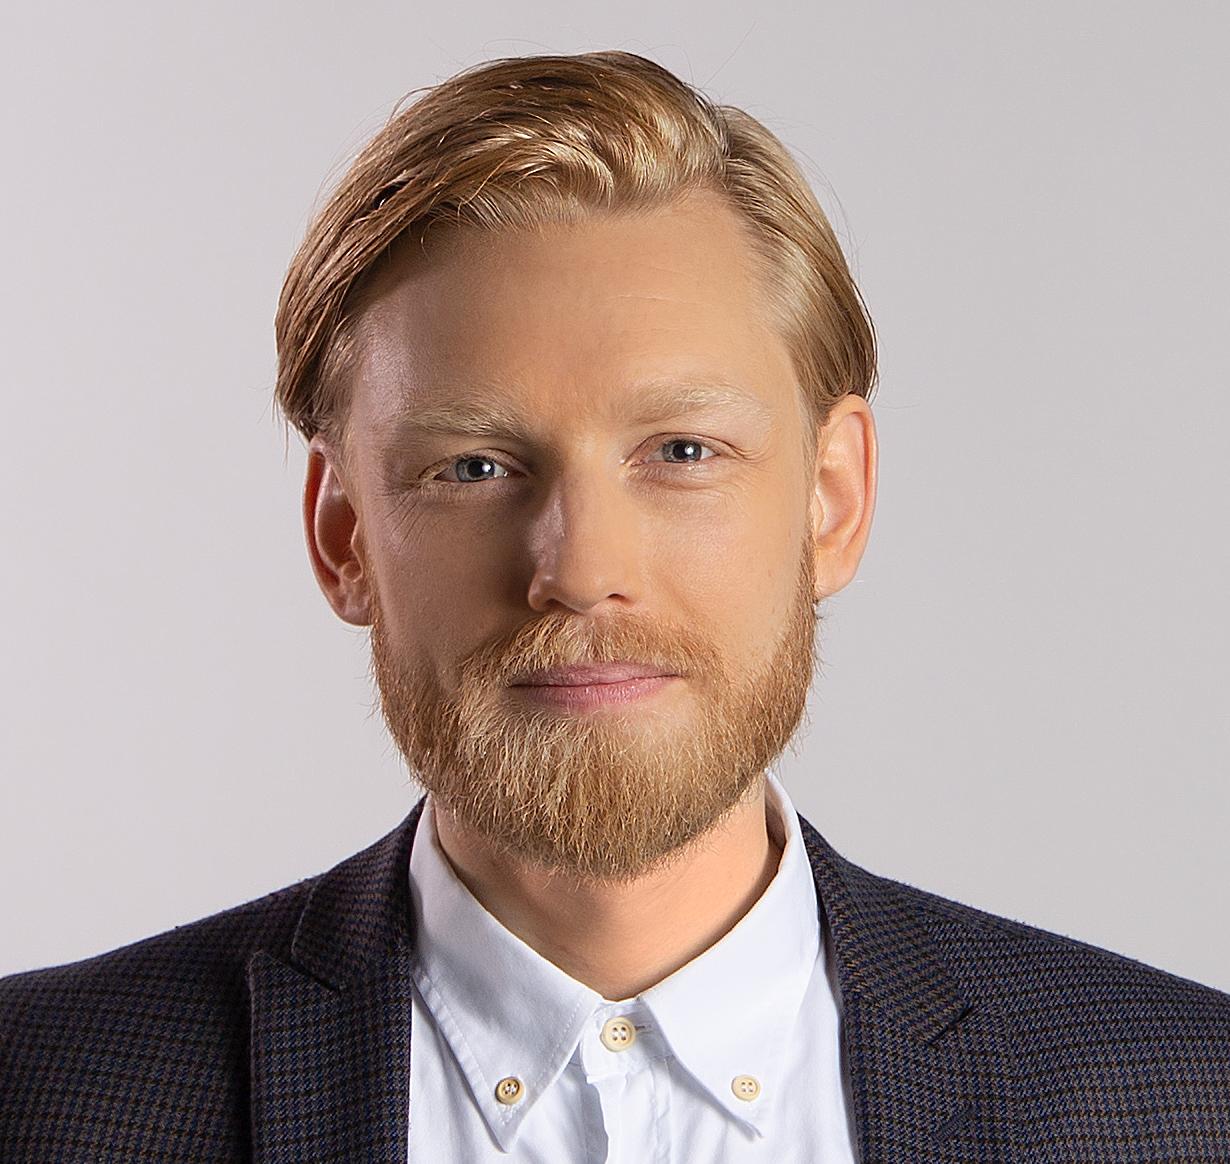 Tryggvi Aðalbjörnsson